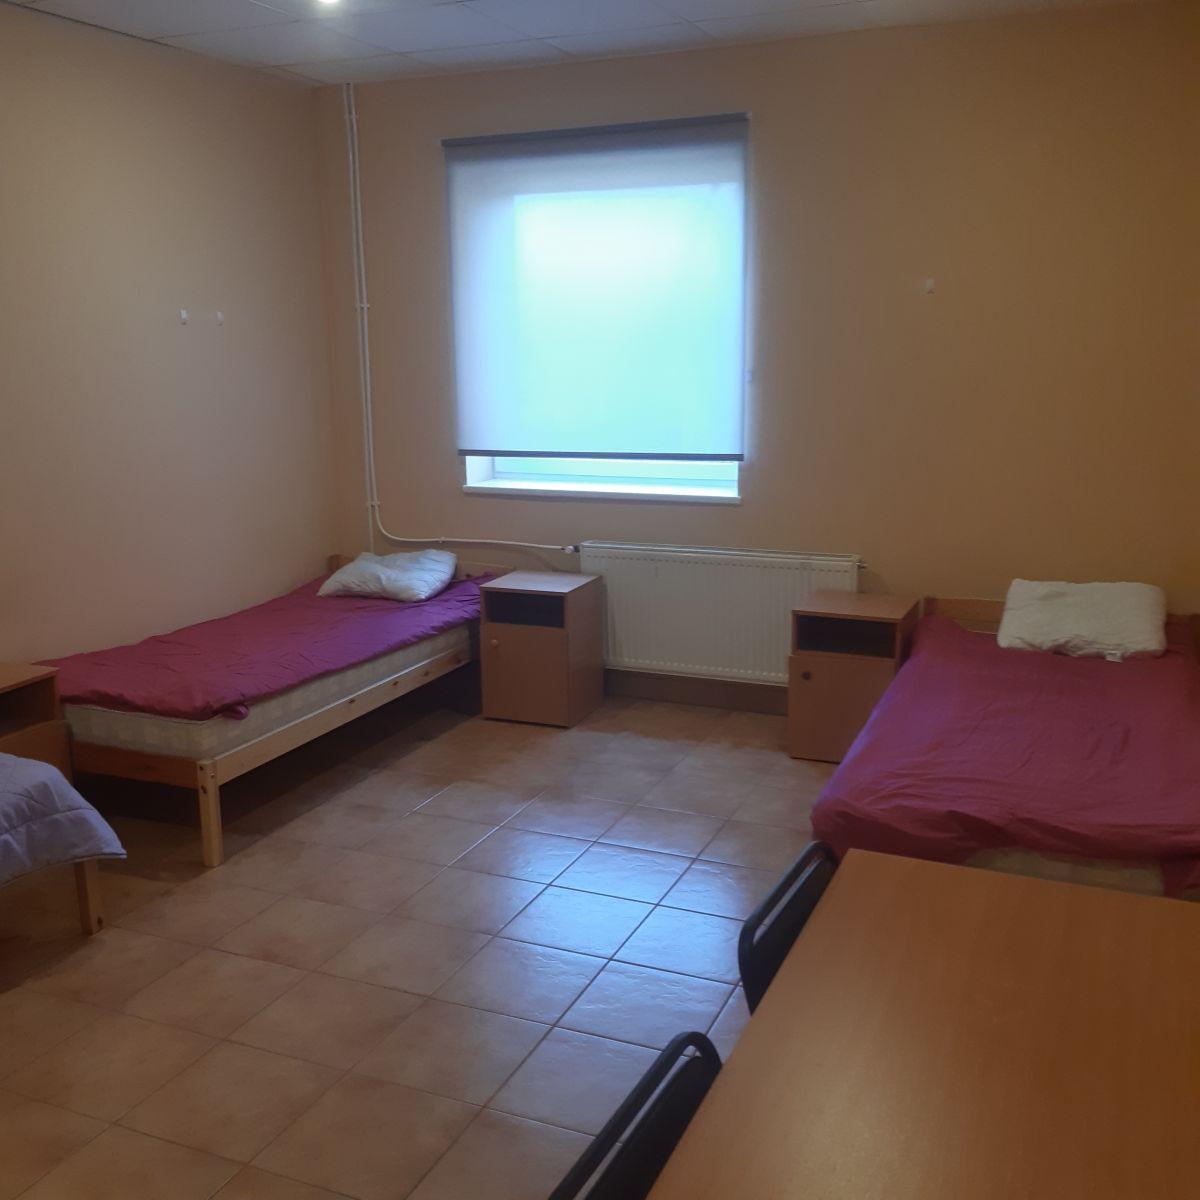 Сдам комнату в 1,5 км от Таллинна